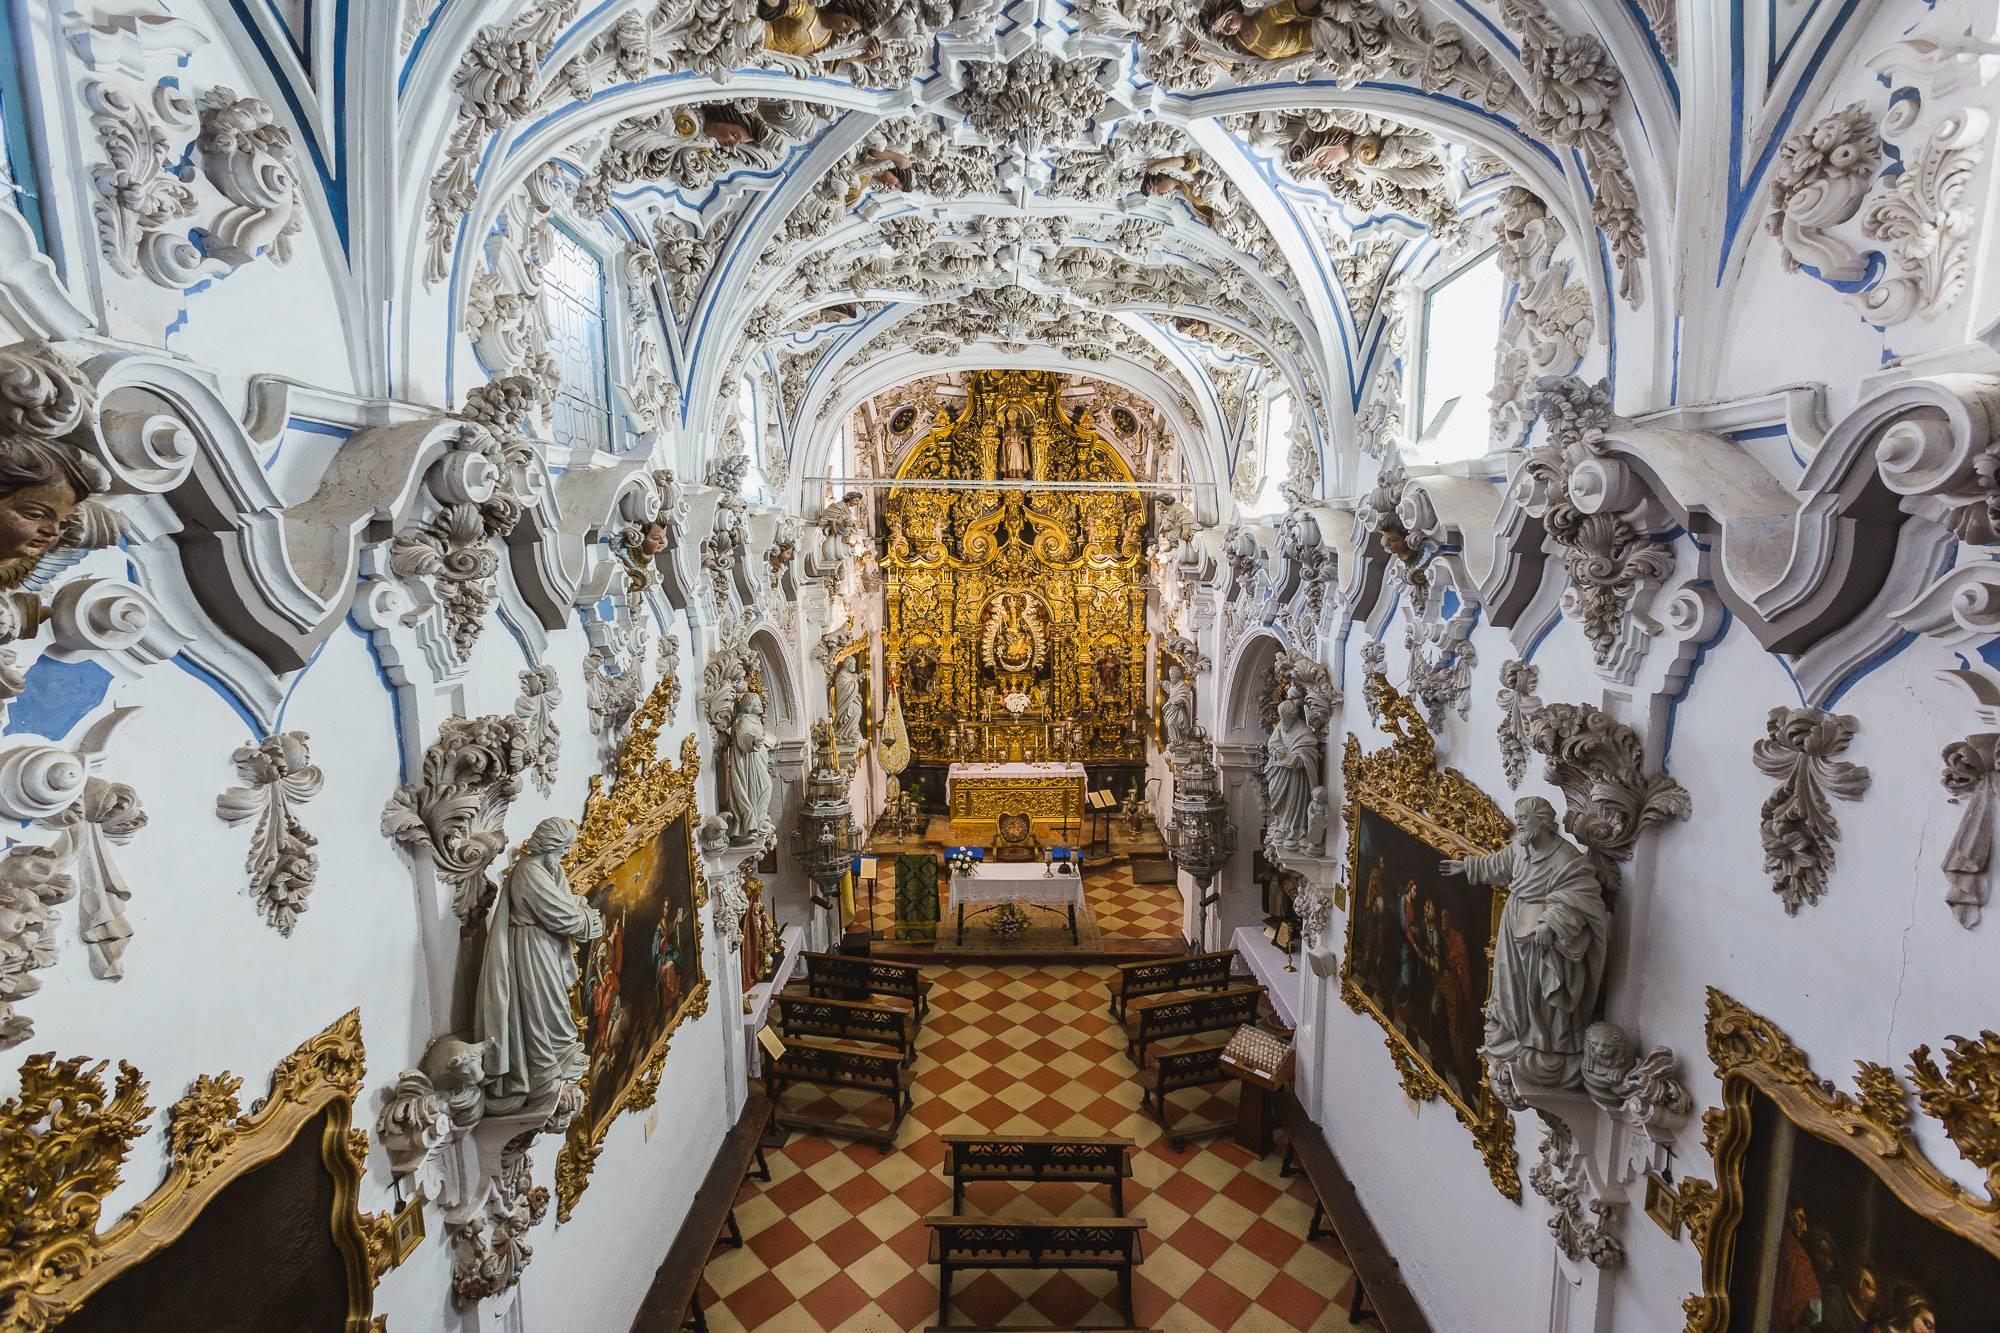 La profusión ornamental de la ermita de la Aurora puede resultar incluso abrumadora.